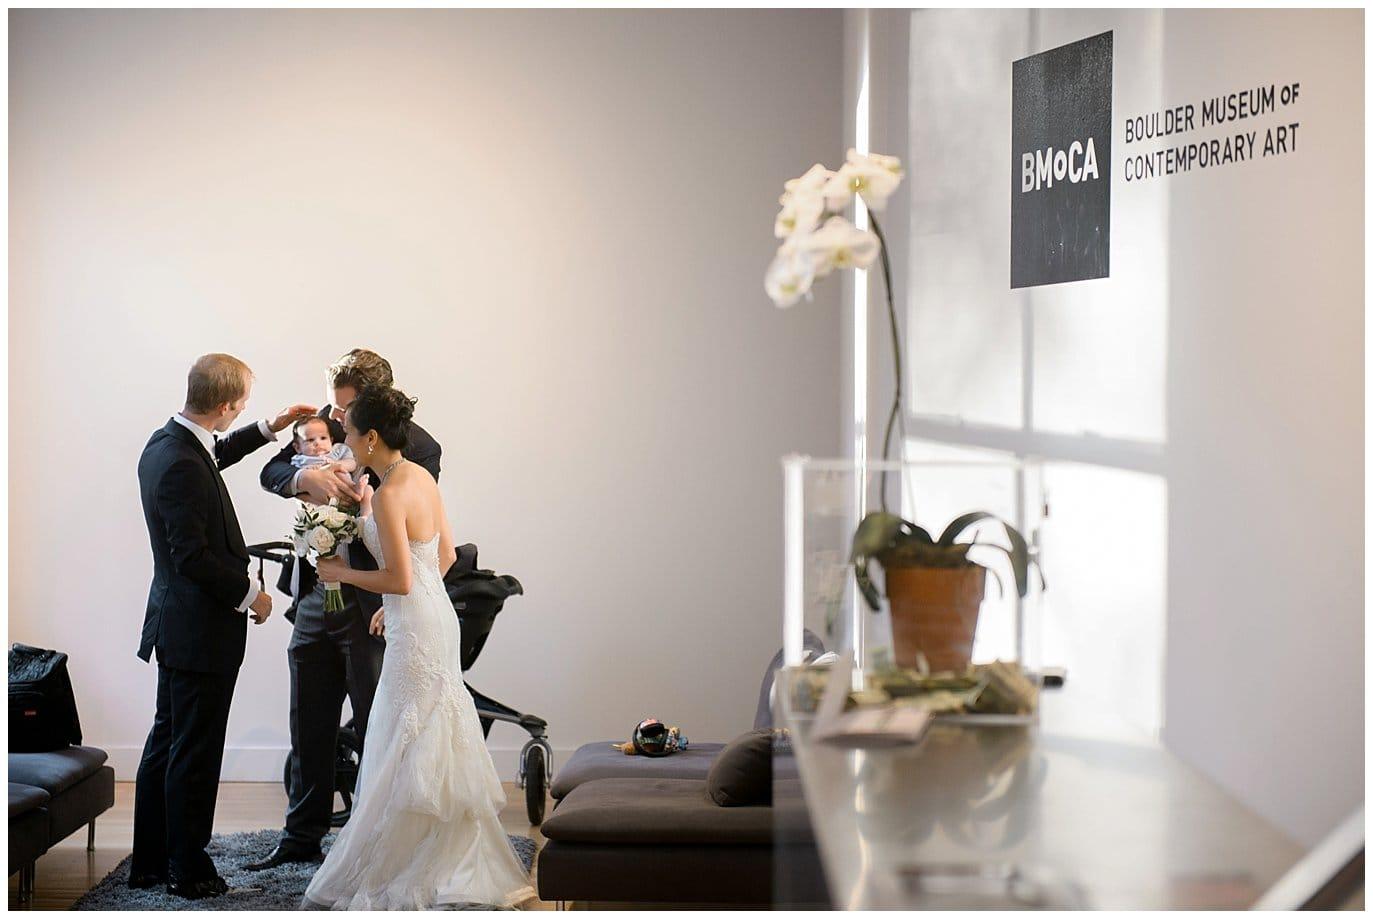 BMOCA wedding reception photo